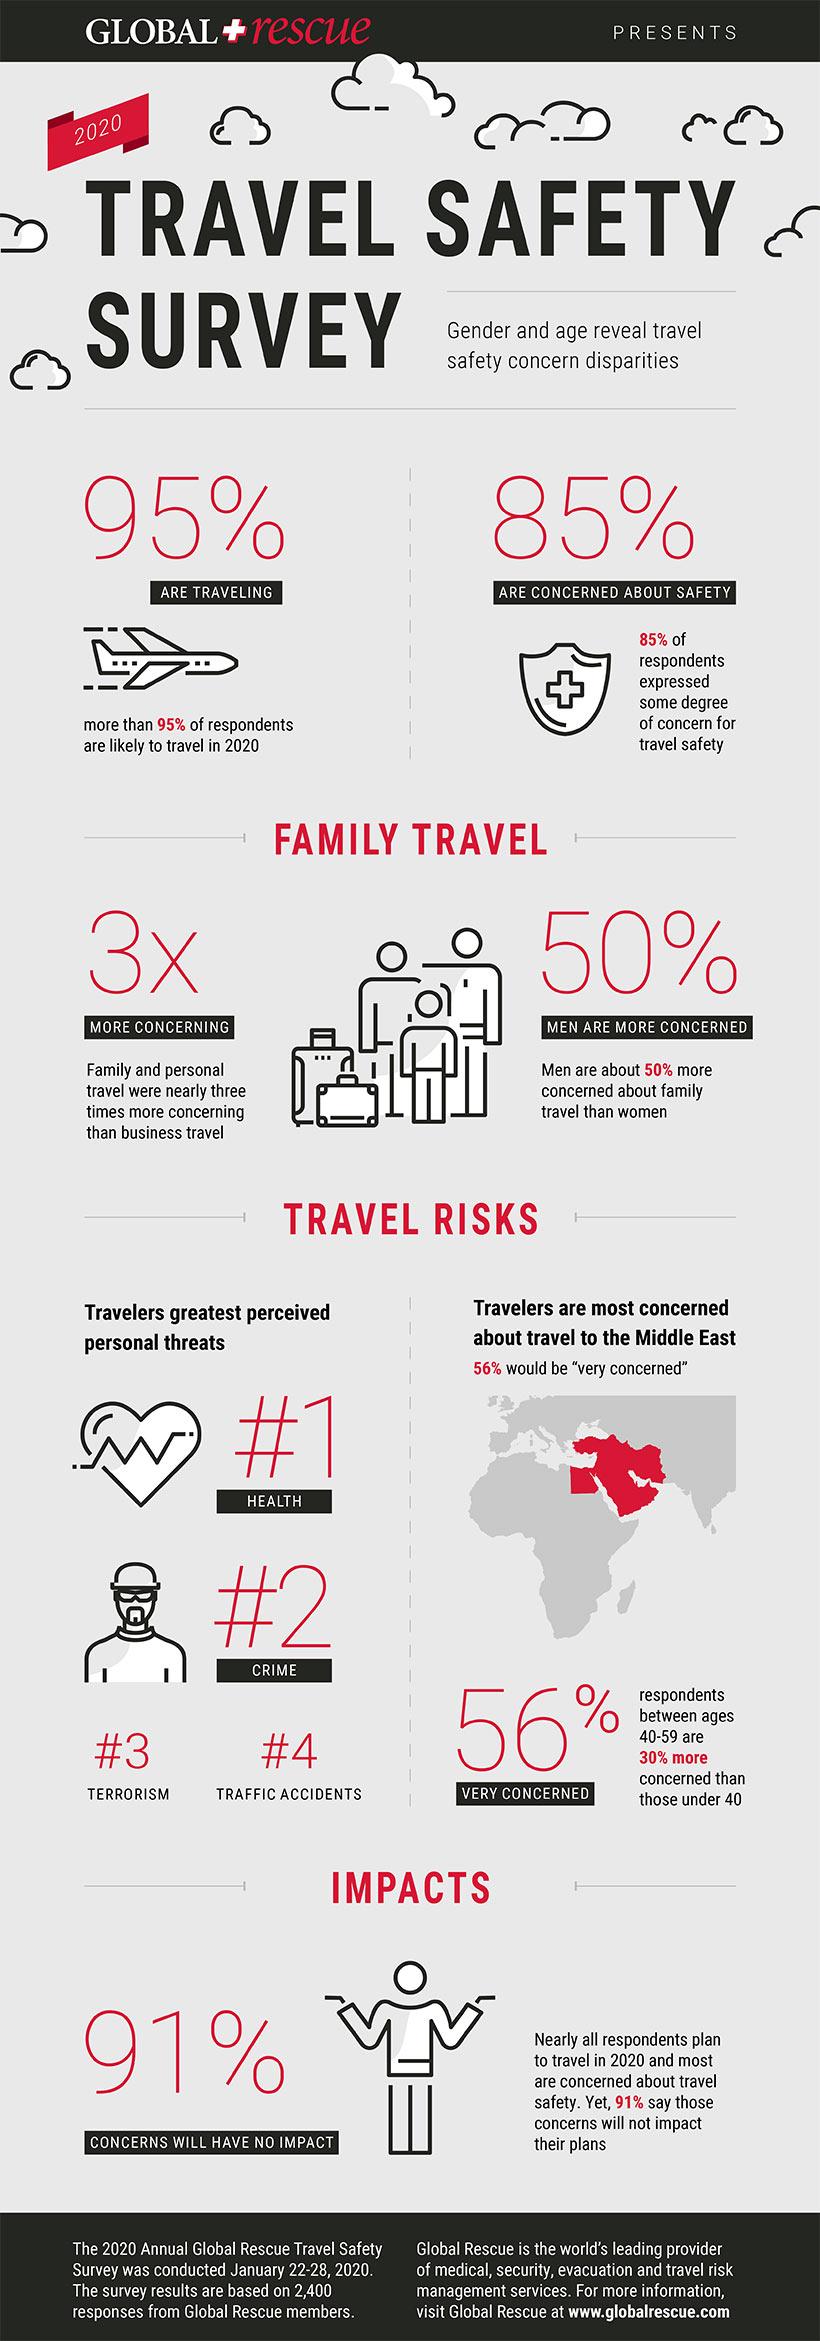 2020 Travel Safety survey